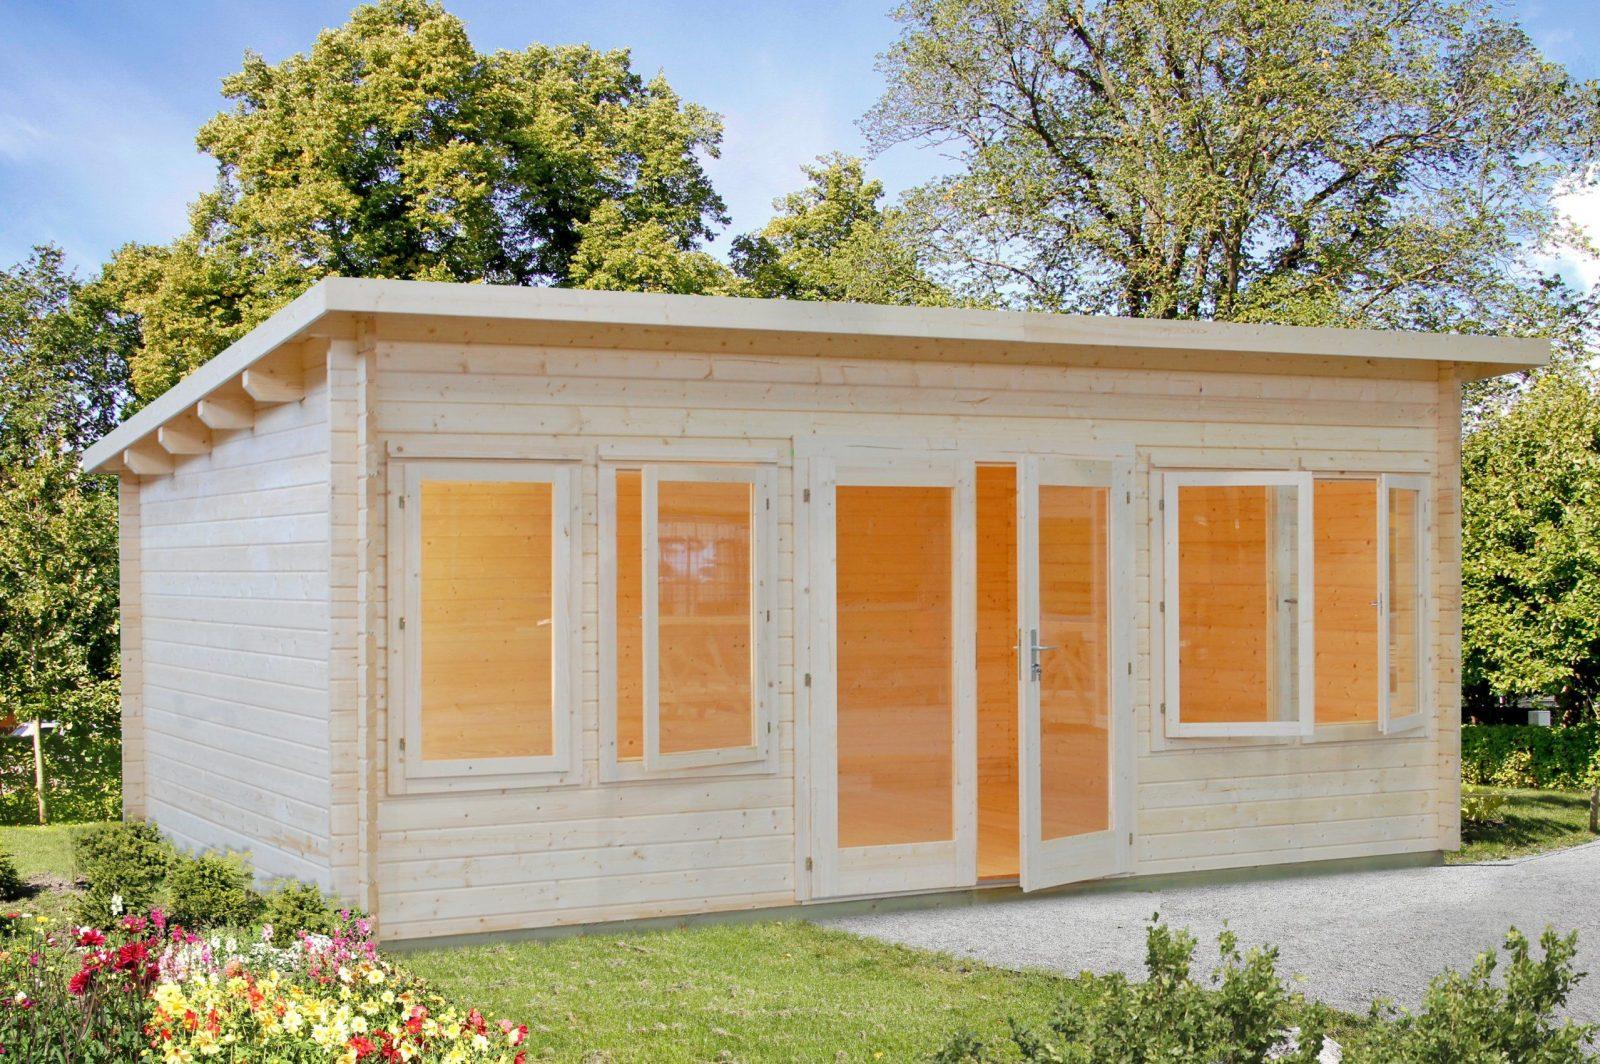 Gartenhaus Mit Pultdach  Günstig Kaufen & Liefern Lassen von Gartenhaus 3 X 4 M Pultdach Bild